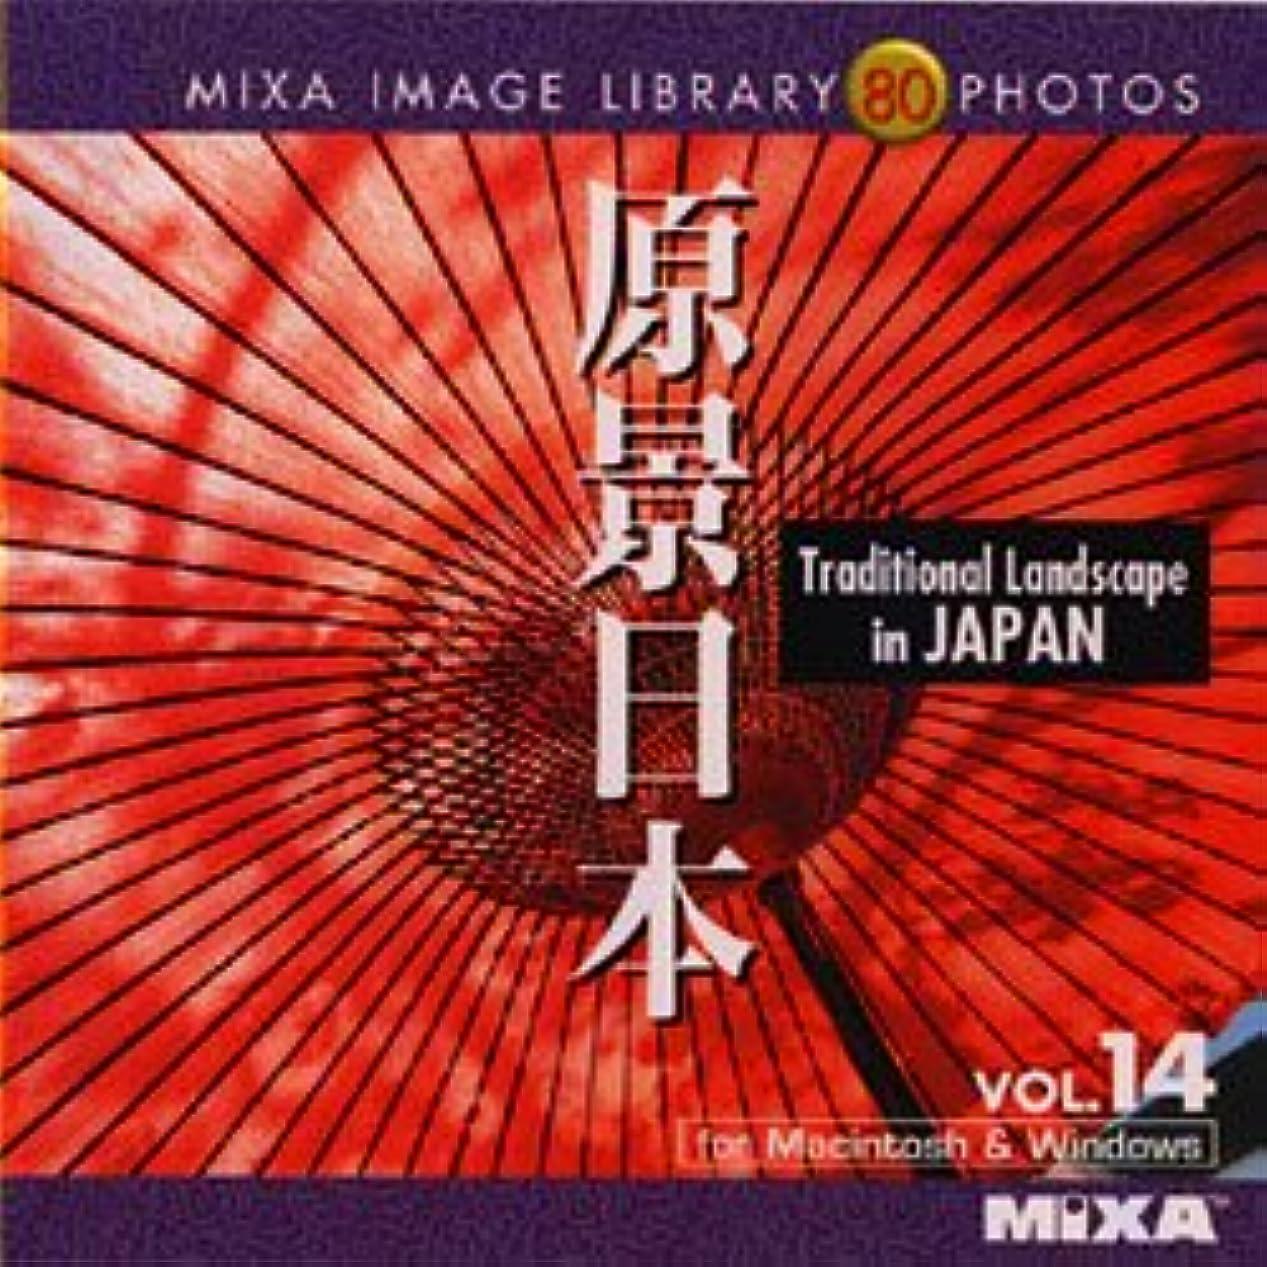 むさぼり食うアーサー罪悪感MIXA IMAGE LIBRARY Vol.14 原景日本